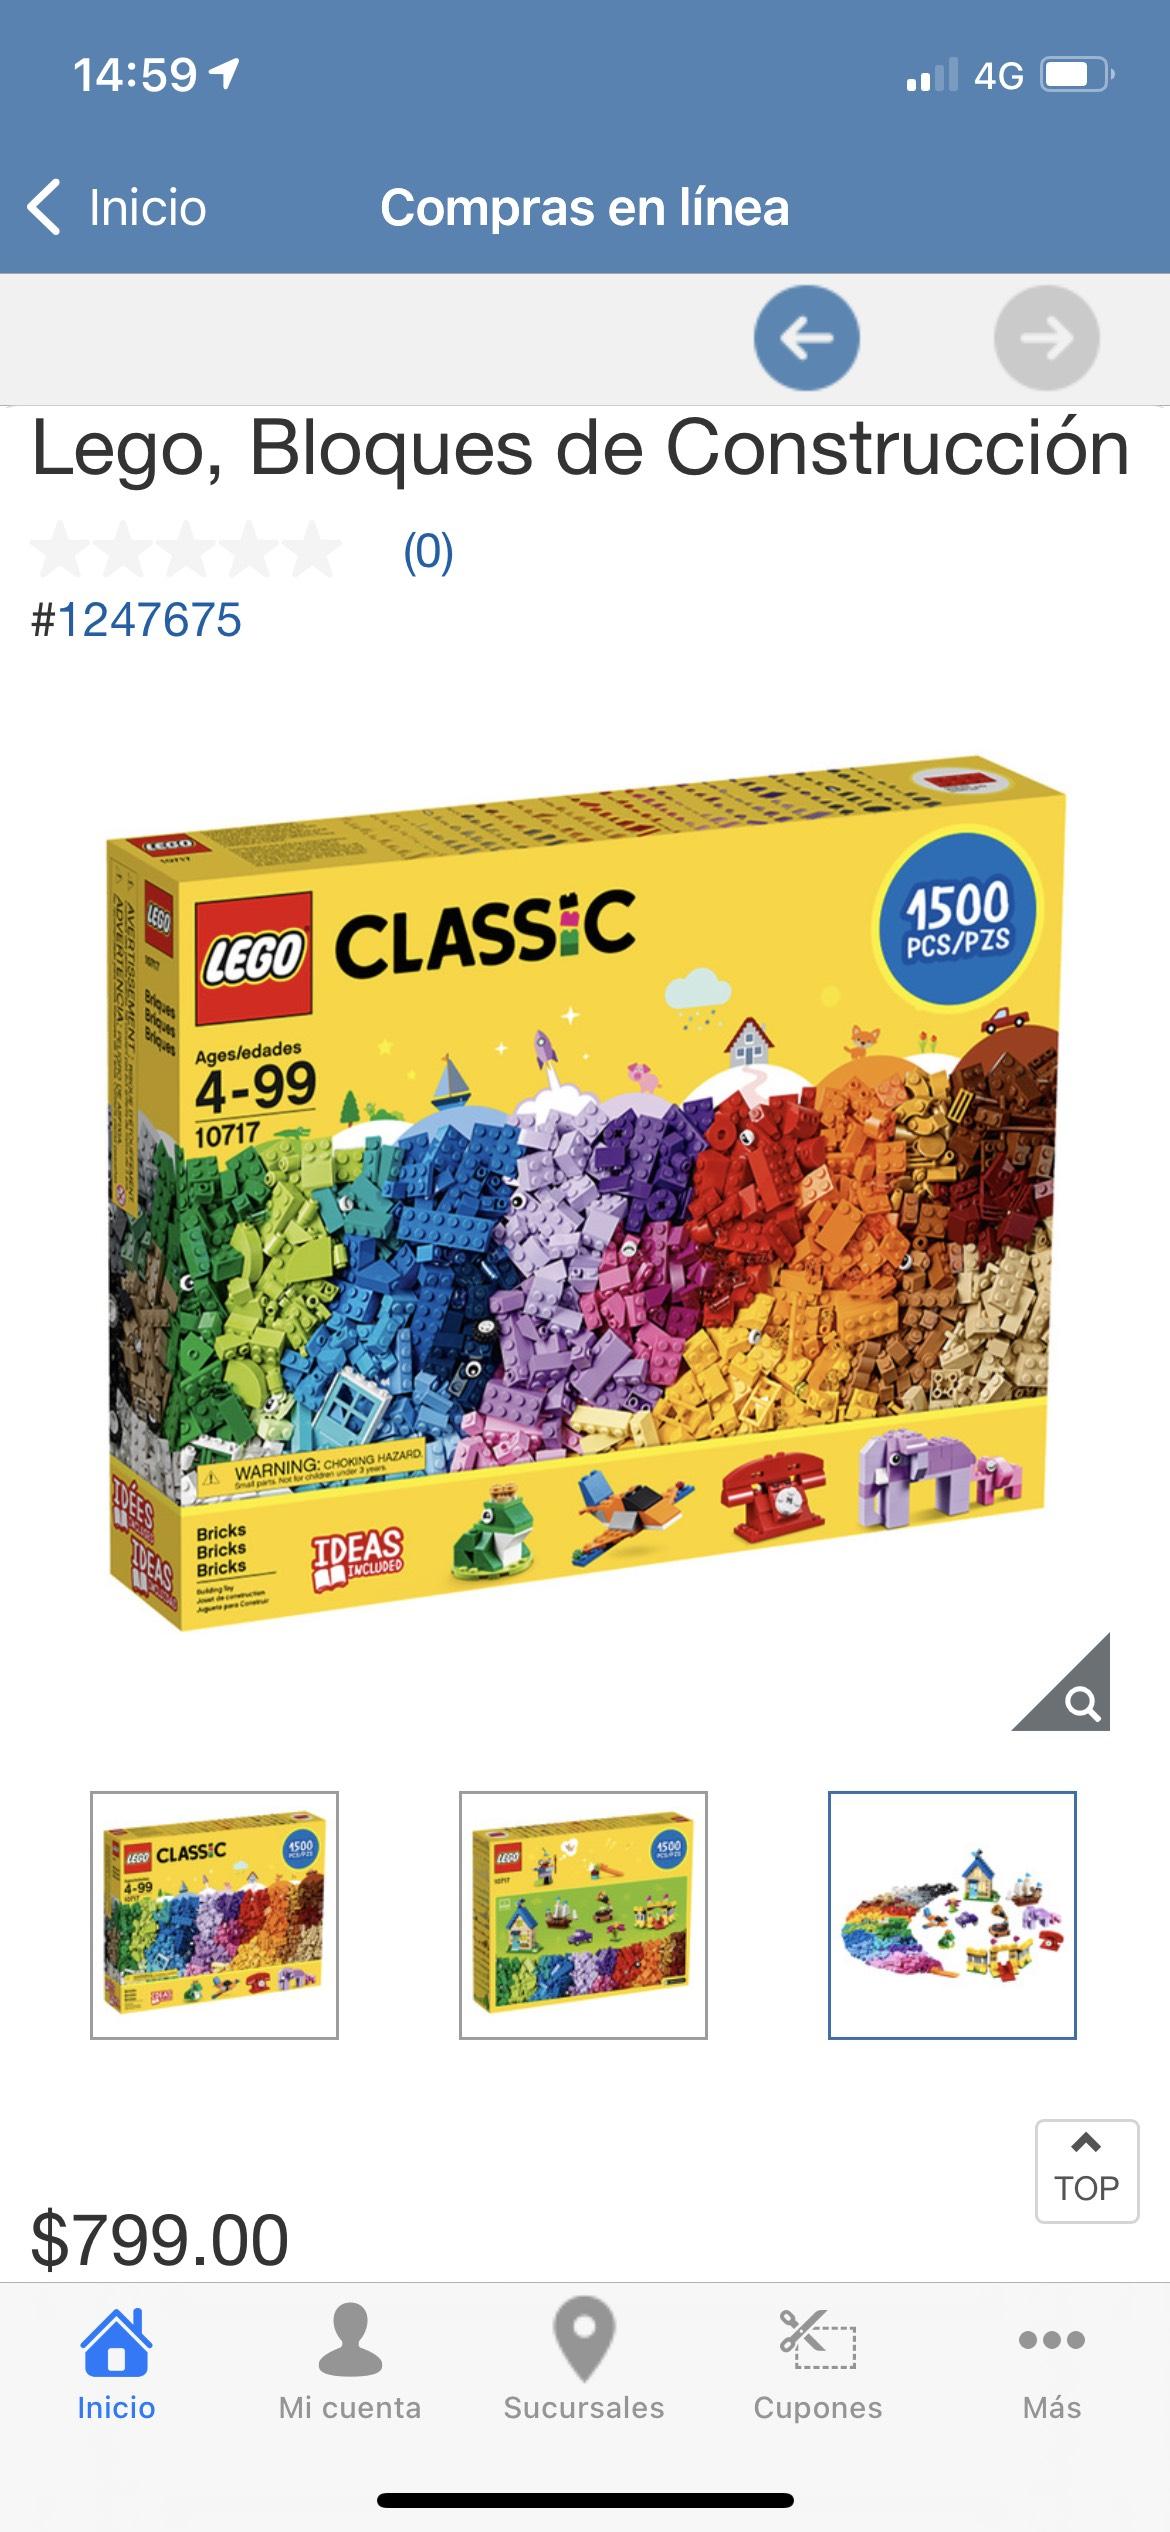 Costco: Lego Classic de 1500 piezas a $799